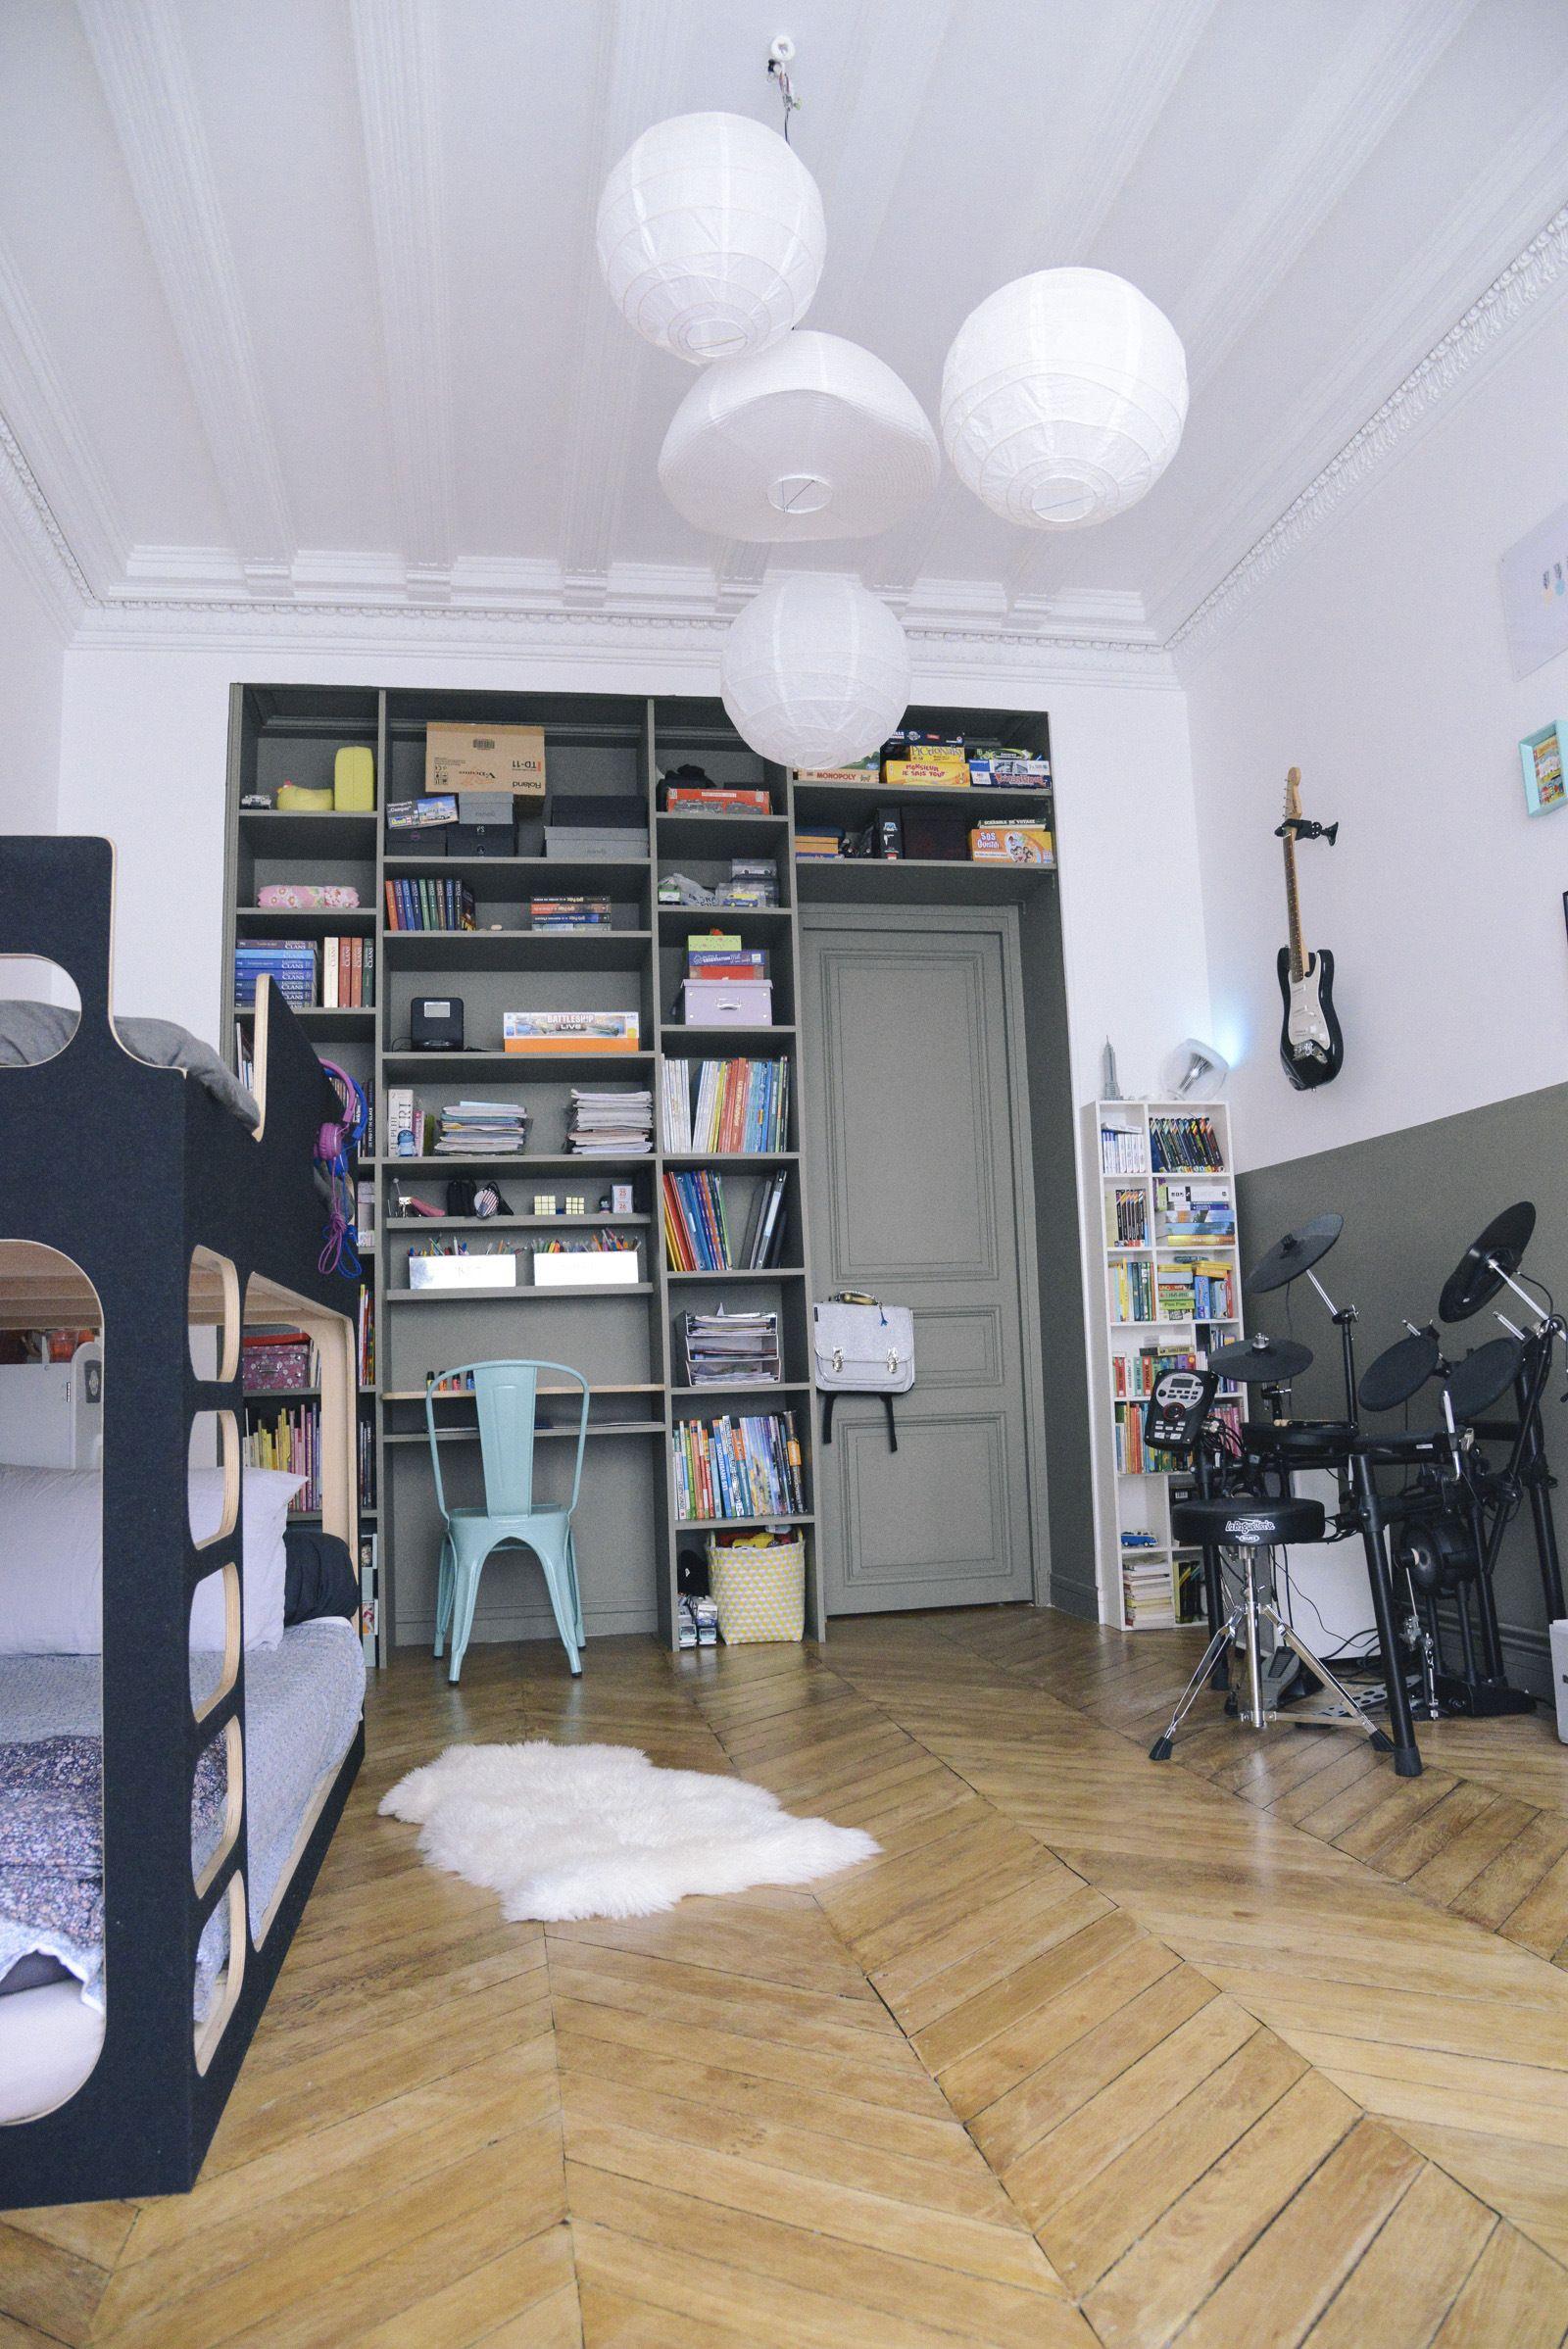 Décoration chambre ado - Rock, musique, kaki  Décoration chambre